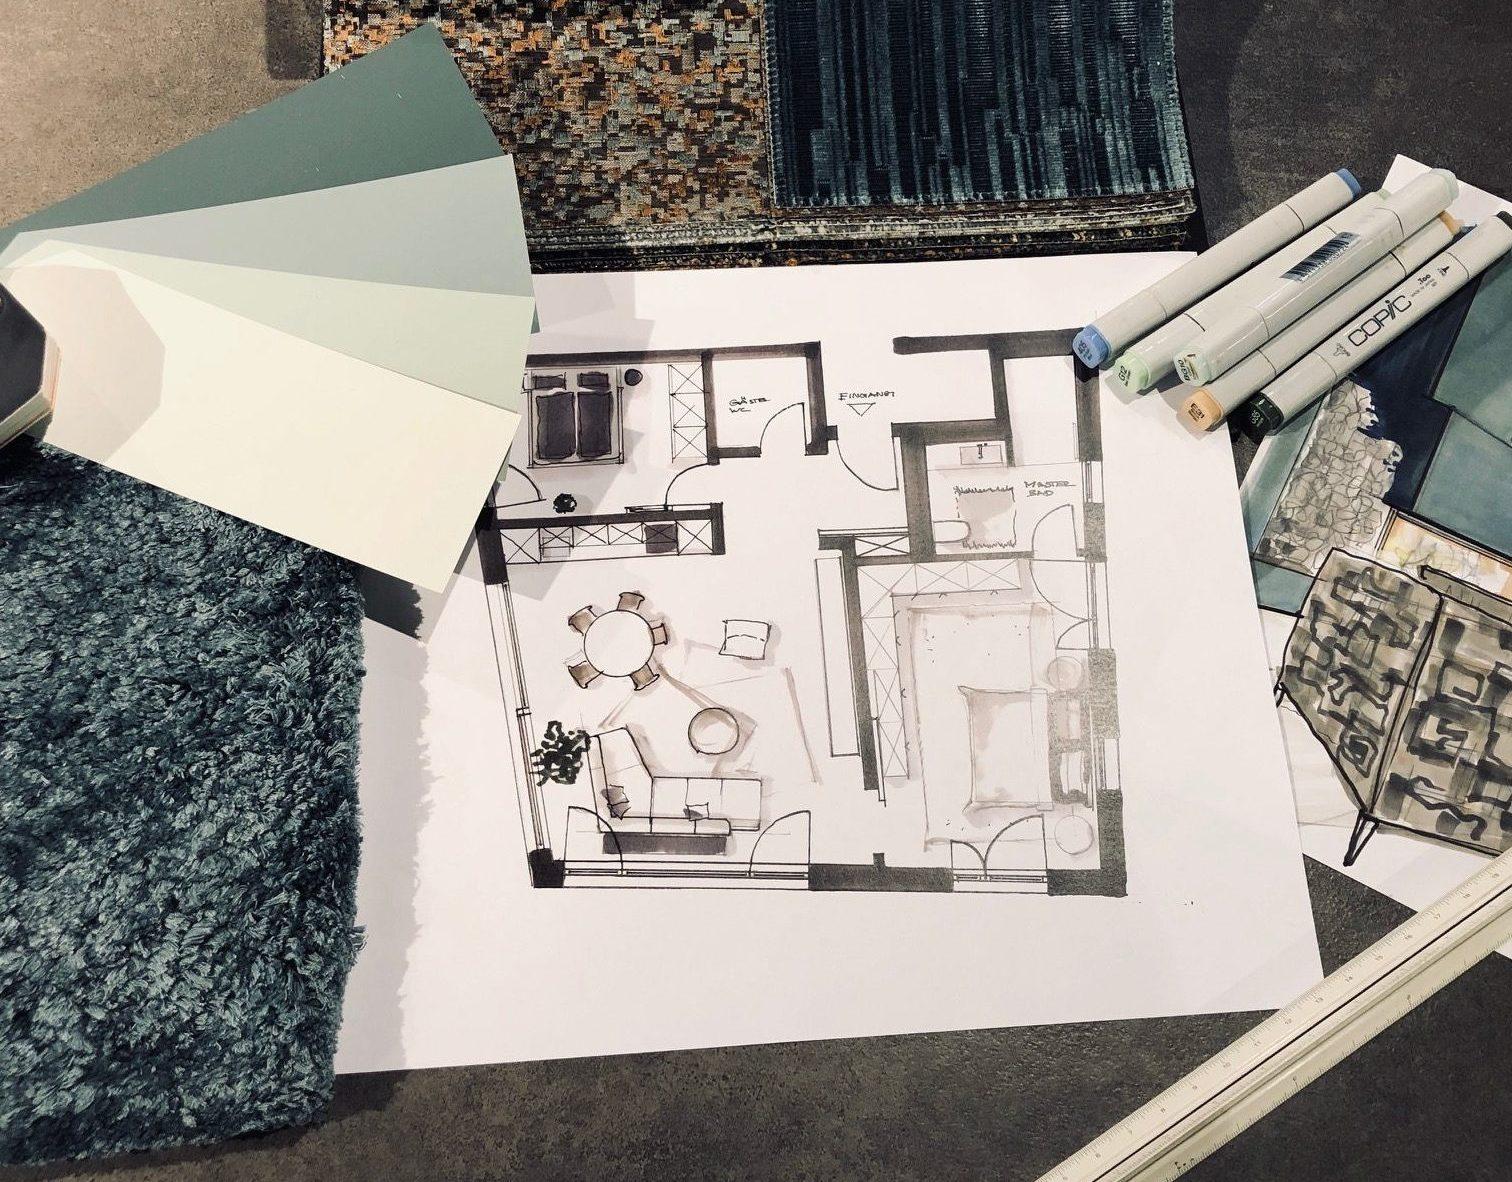 einrichtungsplanung-interior-design-inspiration